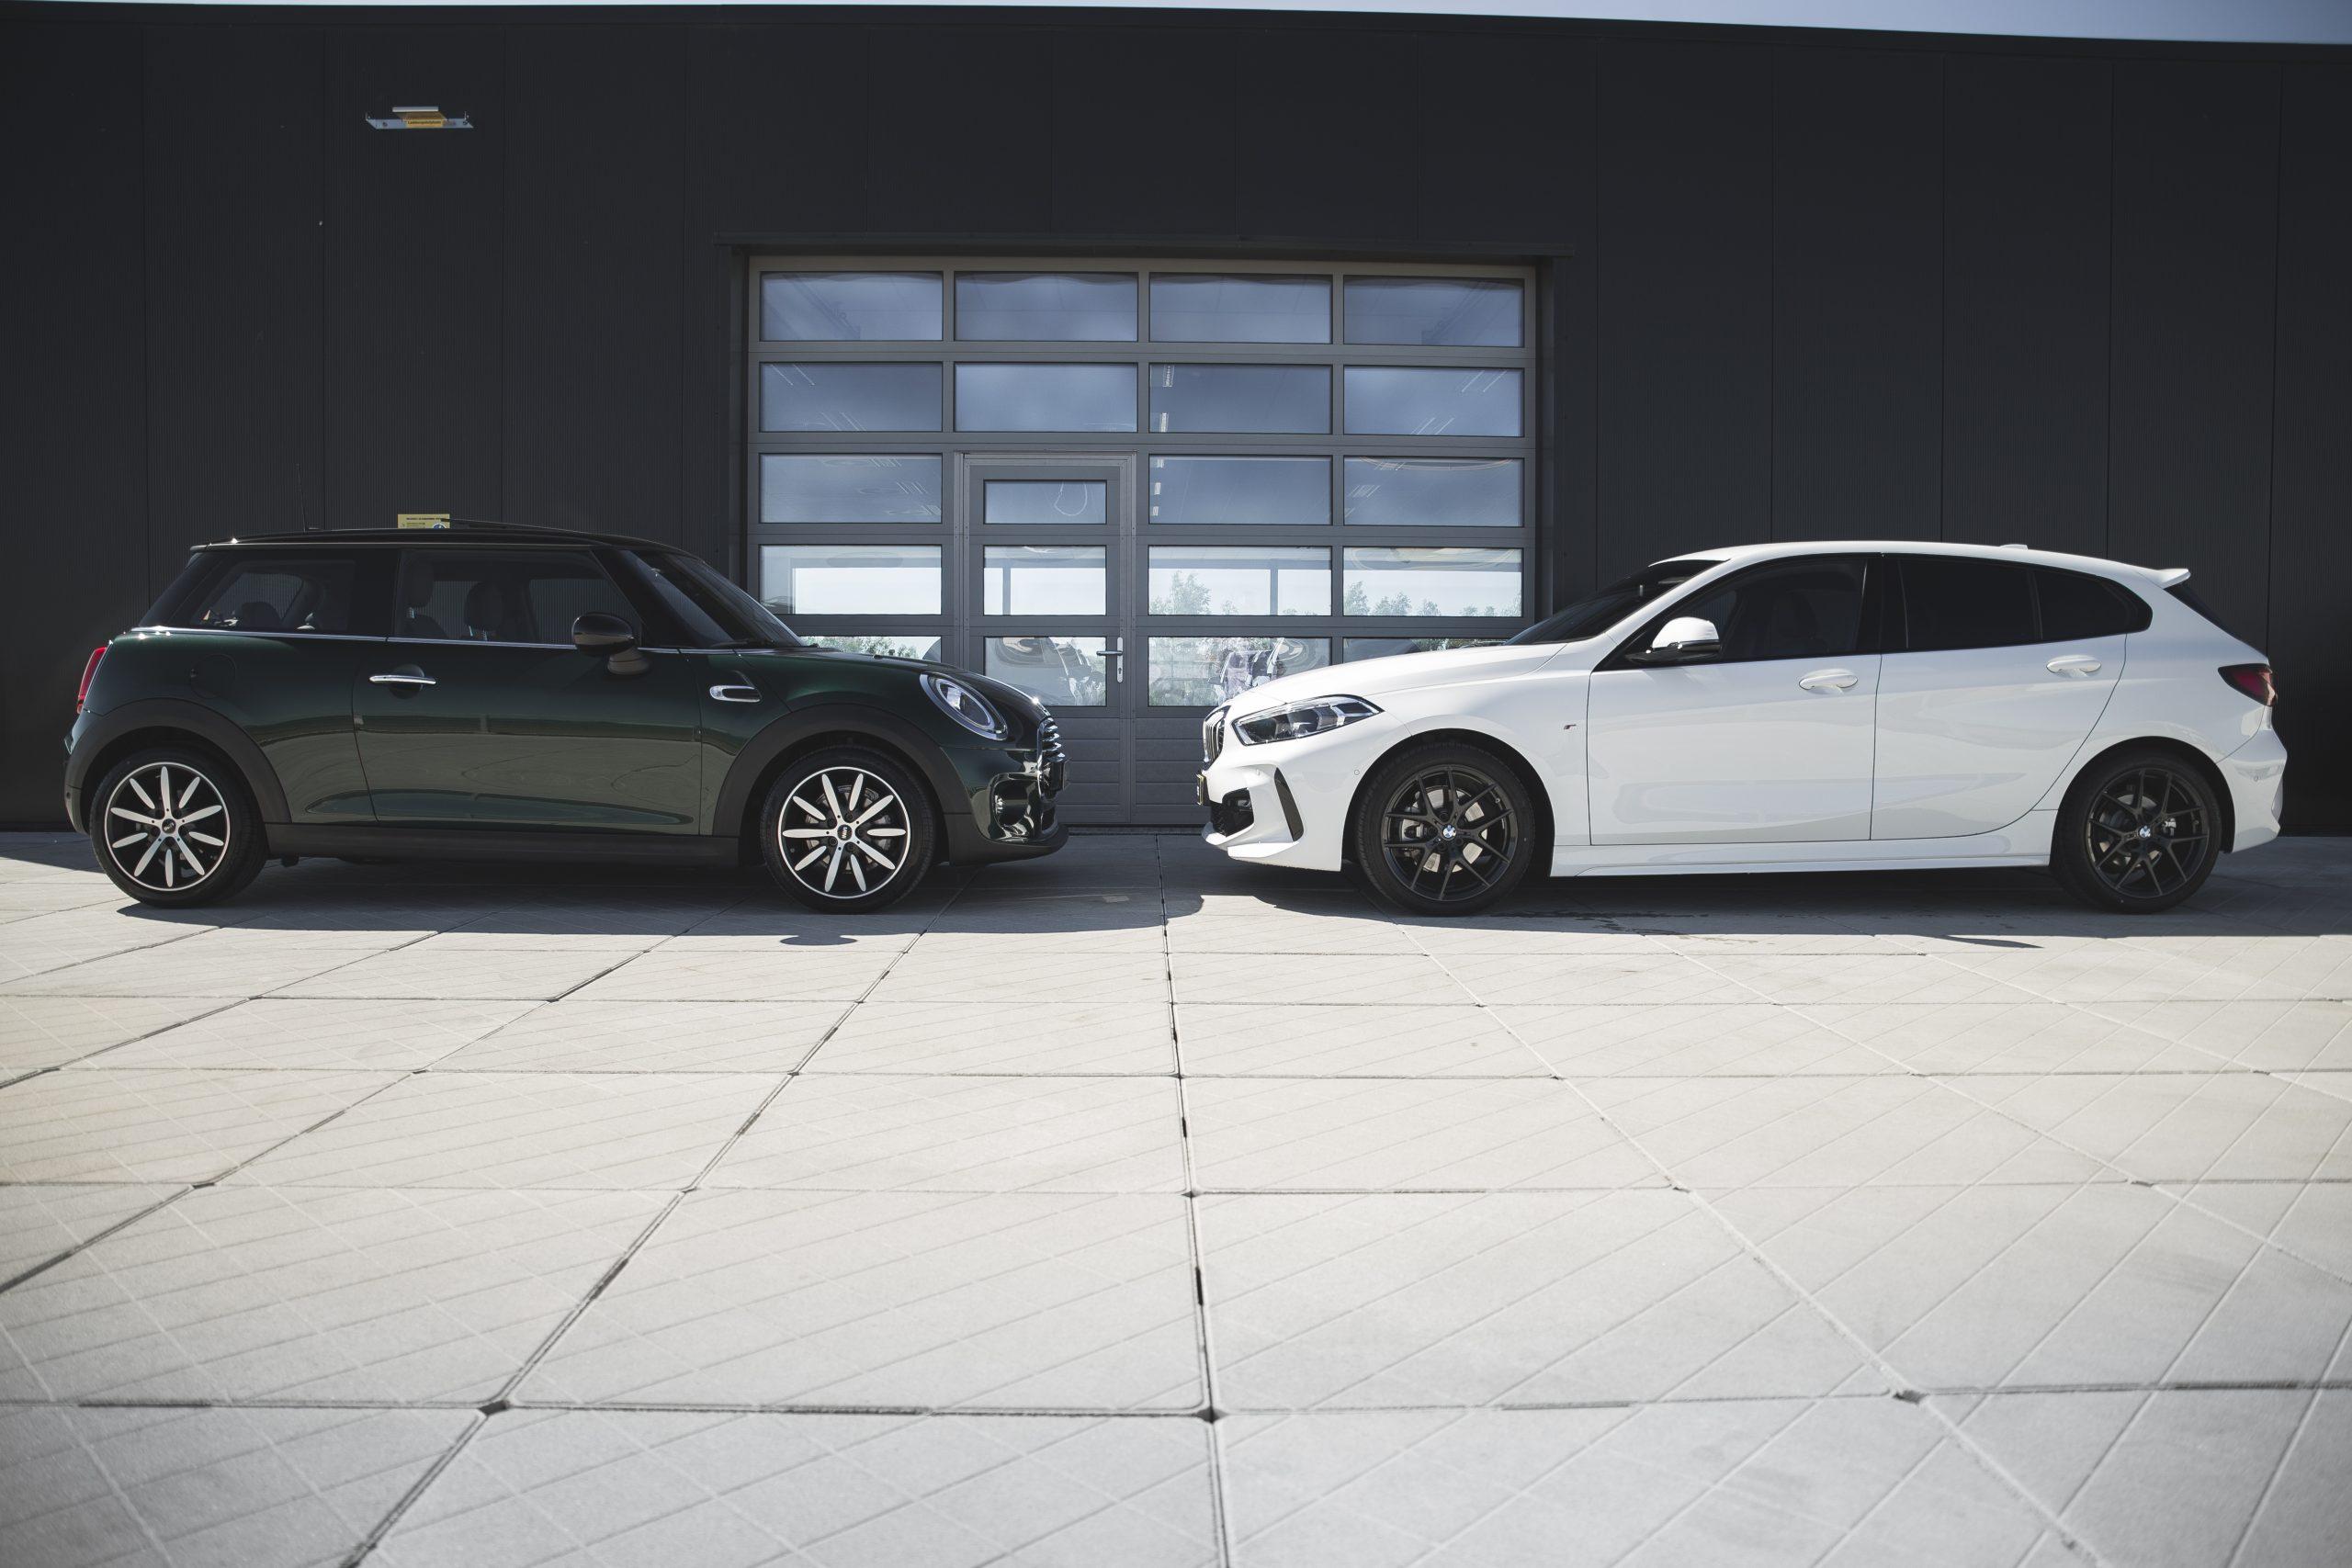 APK-actie voor uw auto